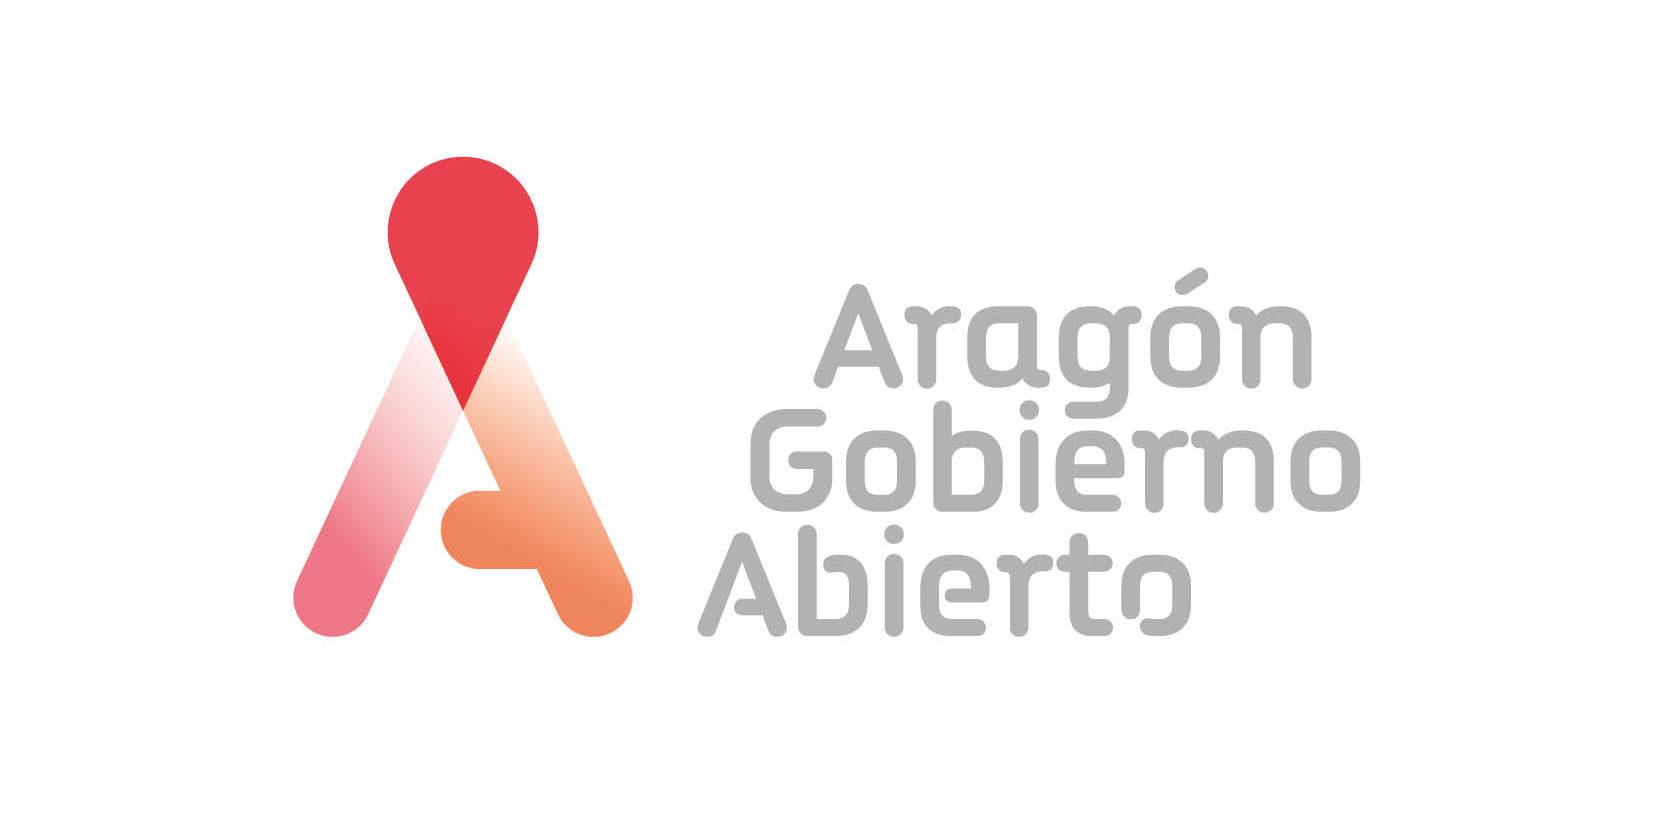 Aragón Gobierno Abierto